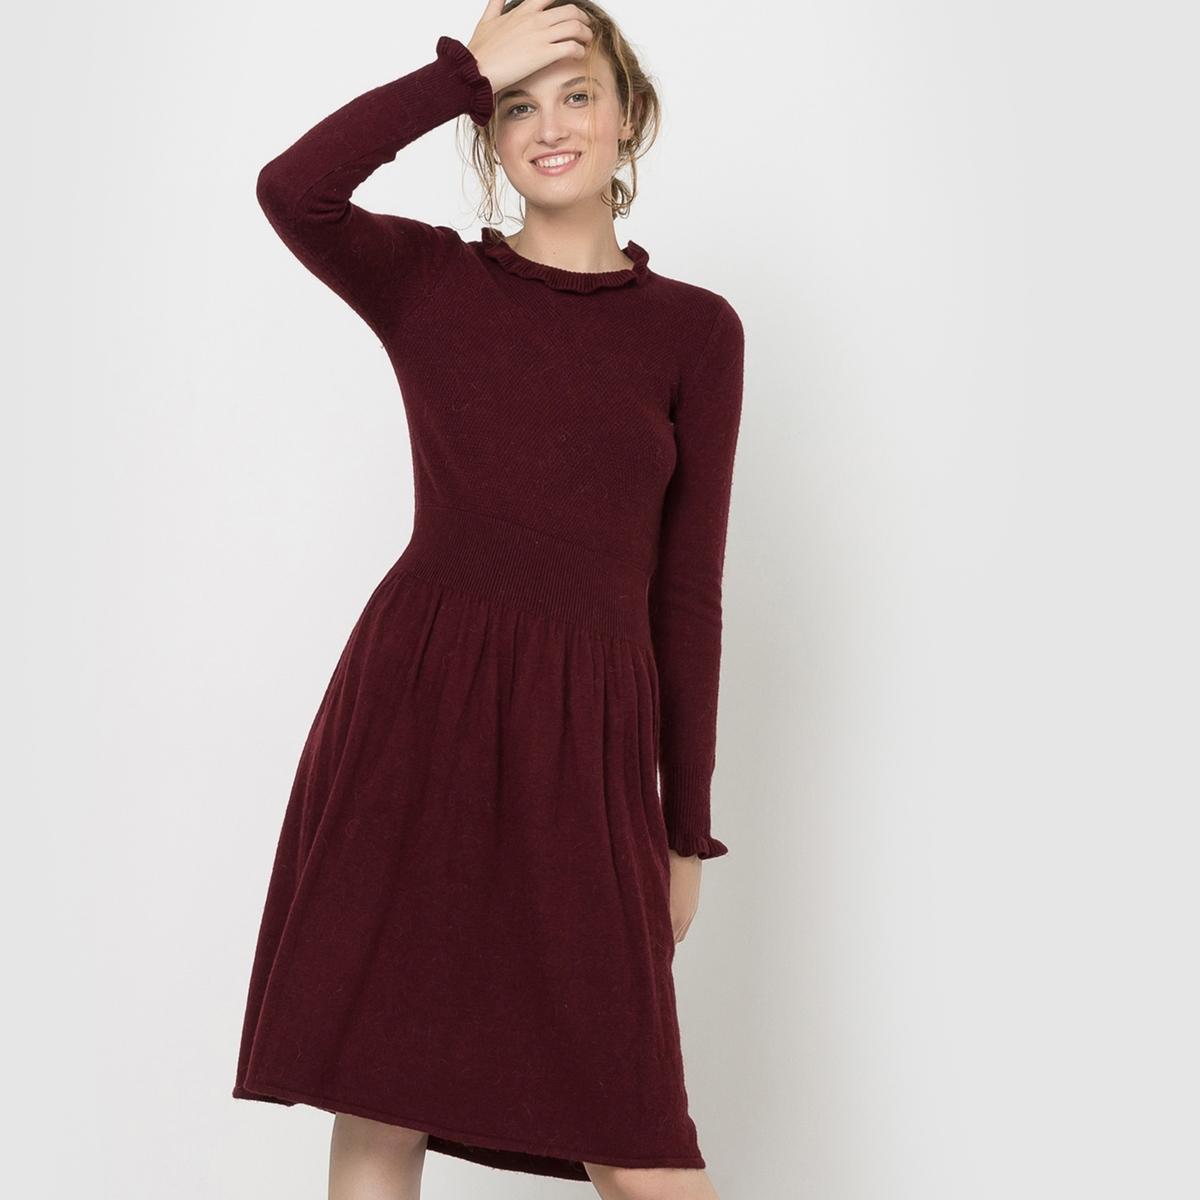 Платье вязаное с воланамиСостав и описаниеМарка : Mademoiselle RМатериал : 50% полиамида, 45% вискозы, 5% альпакиДлина : 100 смУходМашинная стирка при 30 °C   Стирать с вещами схожих цветовСтирать и гладить при очень низкой температуре с изнаночной стороны<br><br>Цвет: бордовый<br>Размер: 42/44 (FR) - 48/50 (RUS)